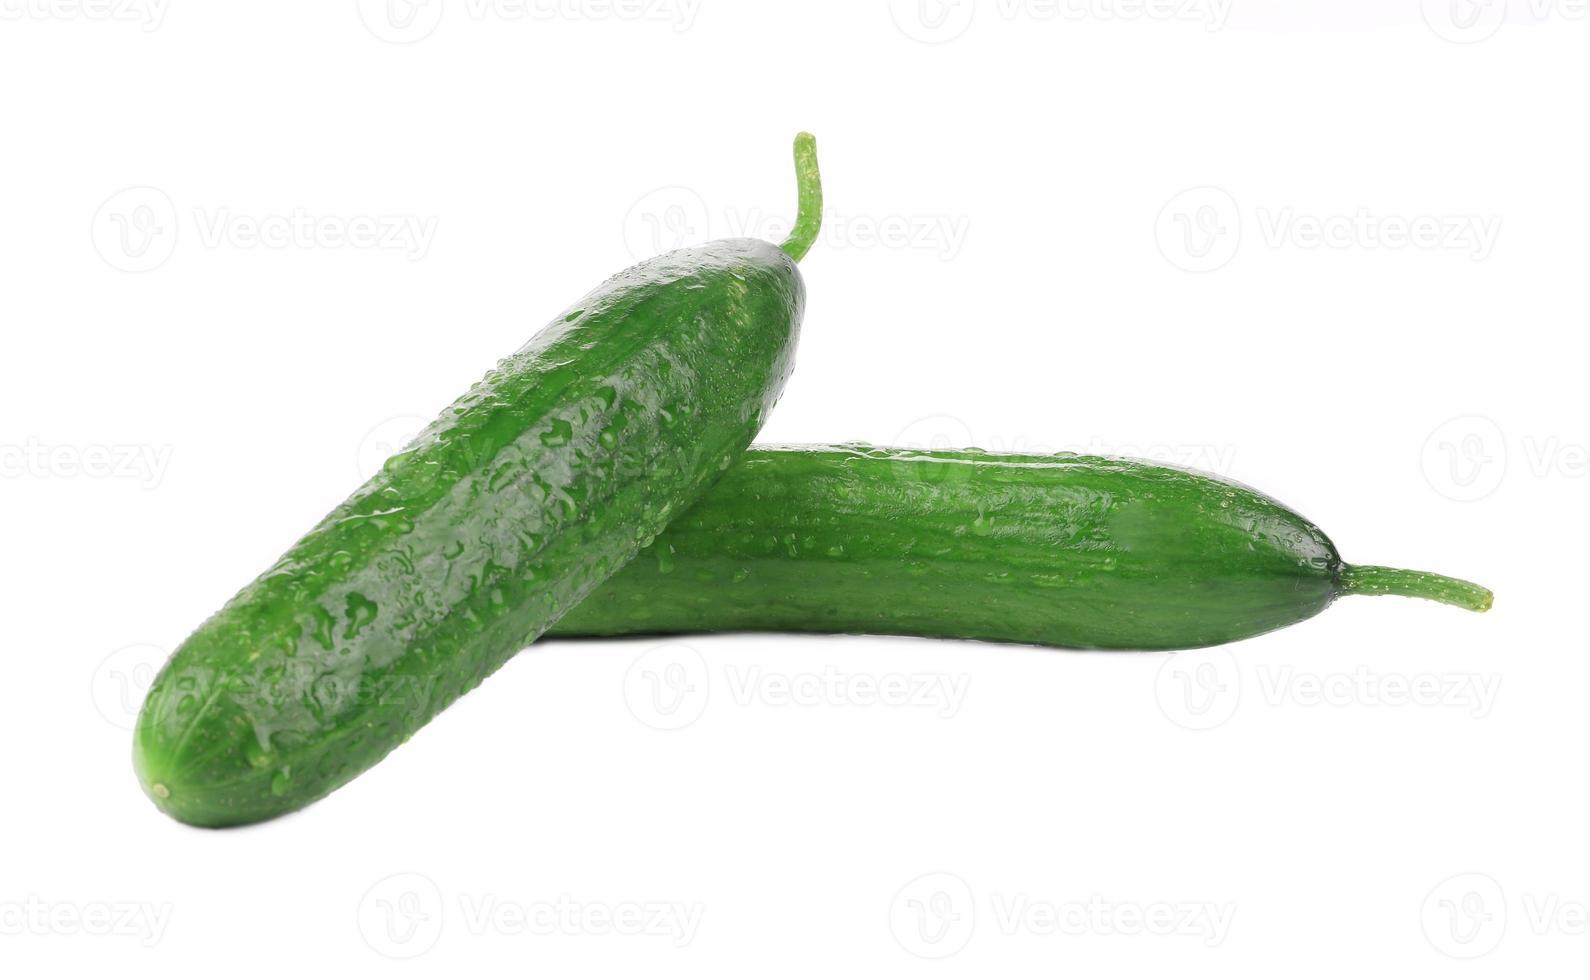 twee verse mooie komkommers. foto